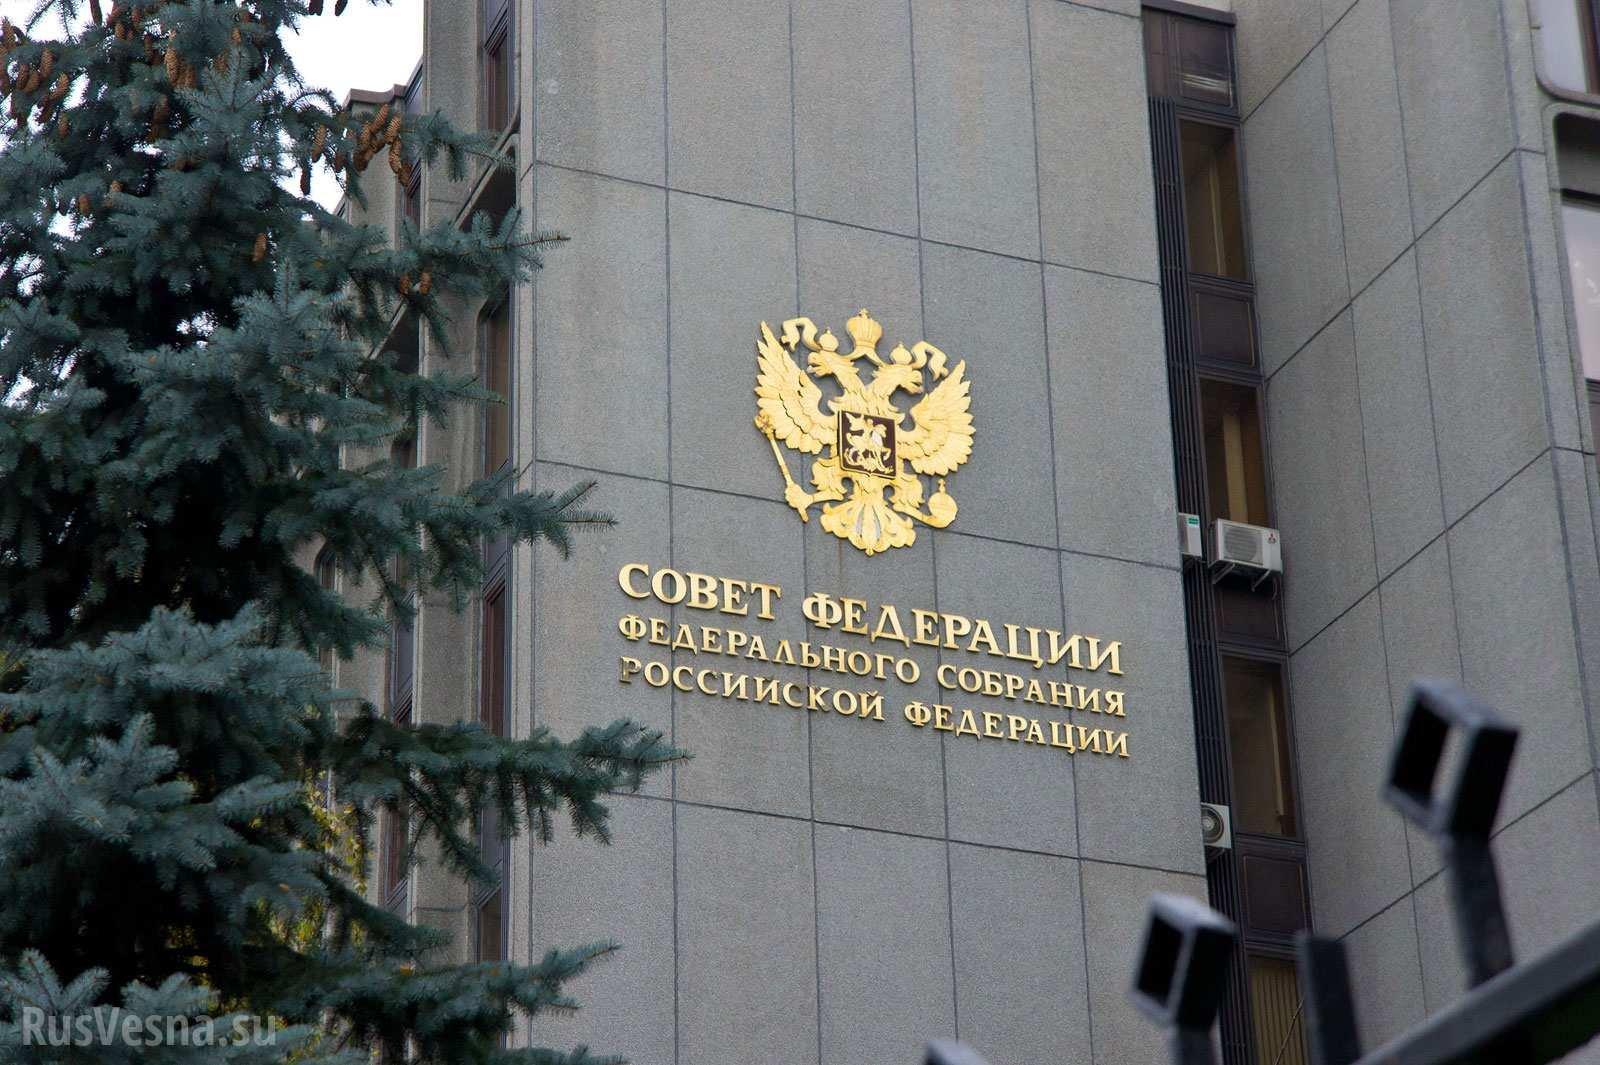 Посол Российской Федерации назвал дату отъезда высланных дипломатов из Англии